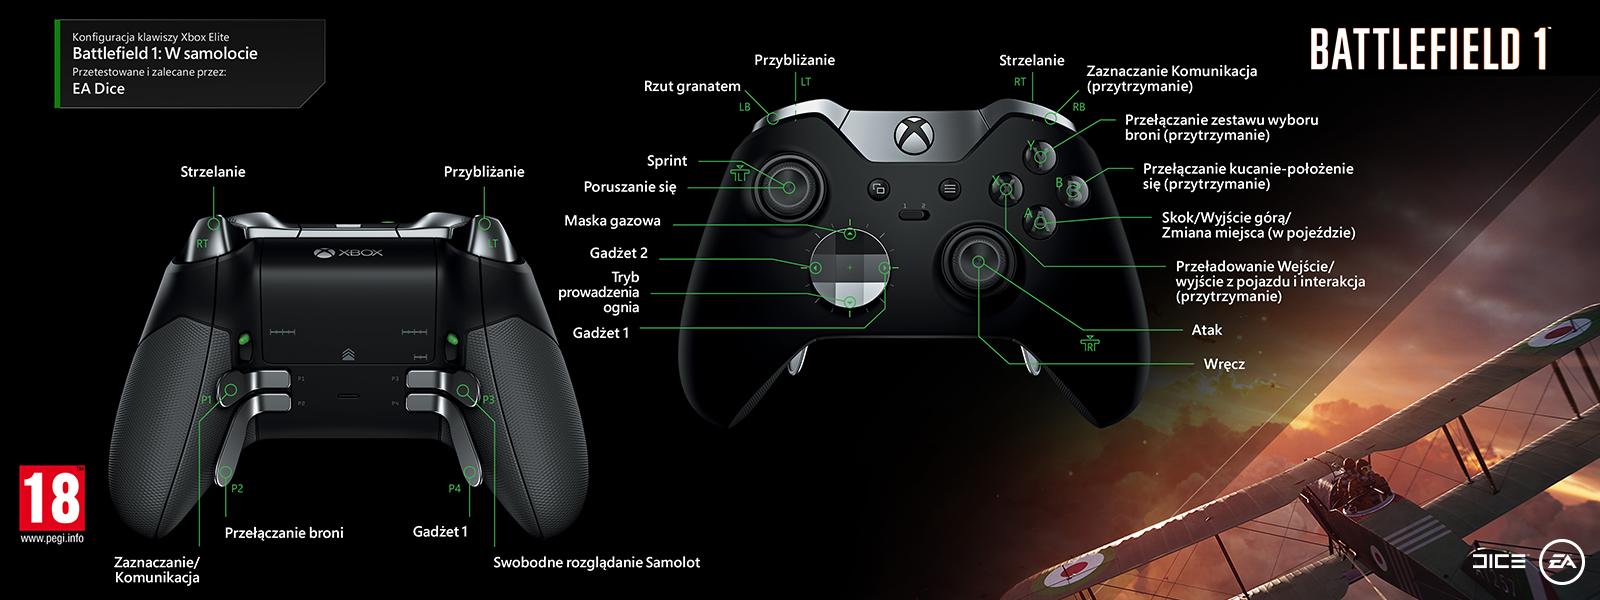 Battlefield 1 – mapowanie Elite pod kątem pilota